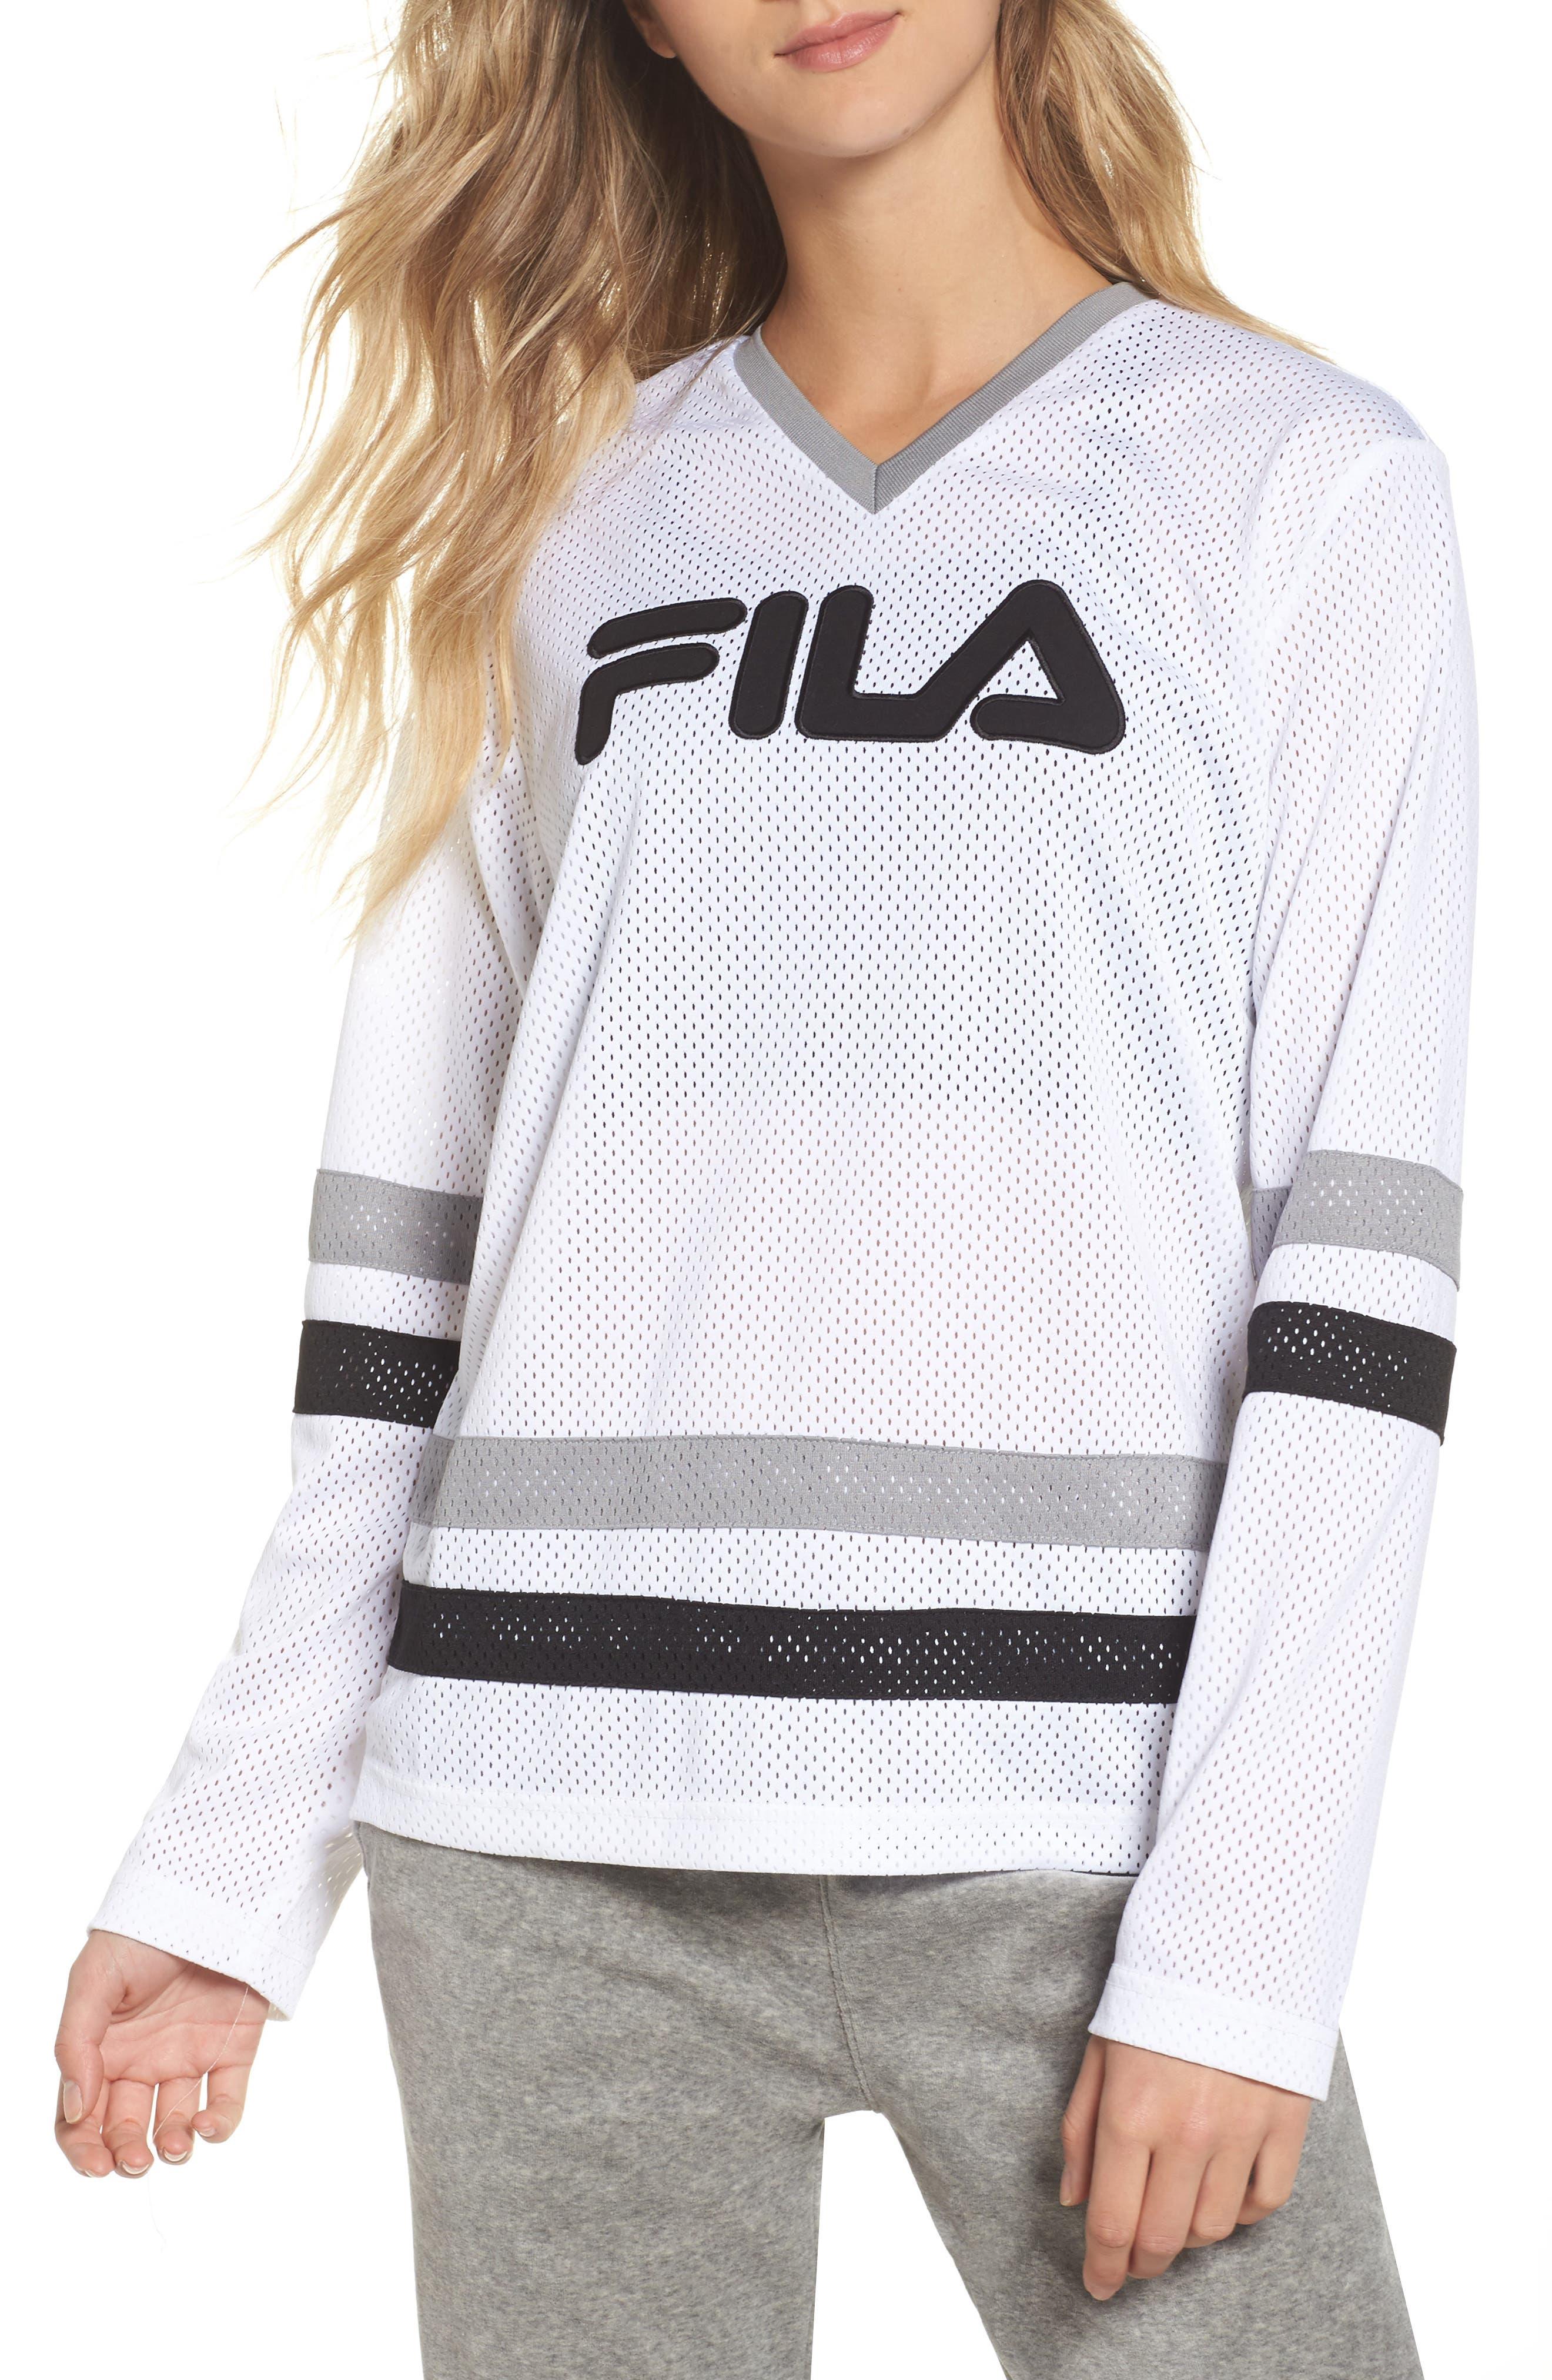 Main Image - FILA Tanya Hockey Jersey